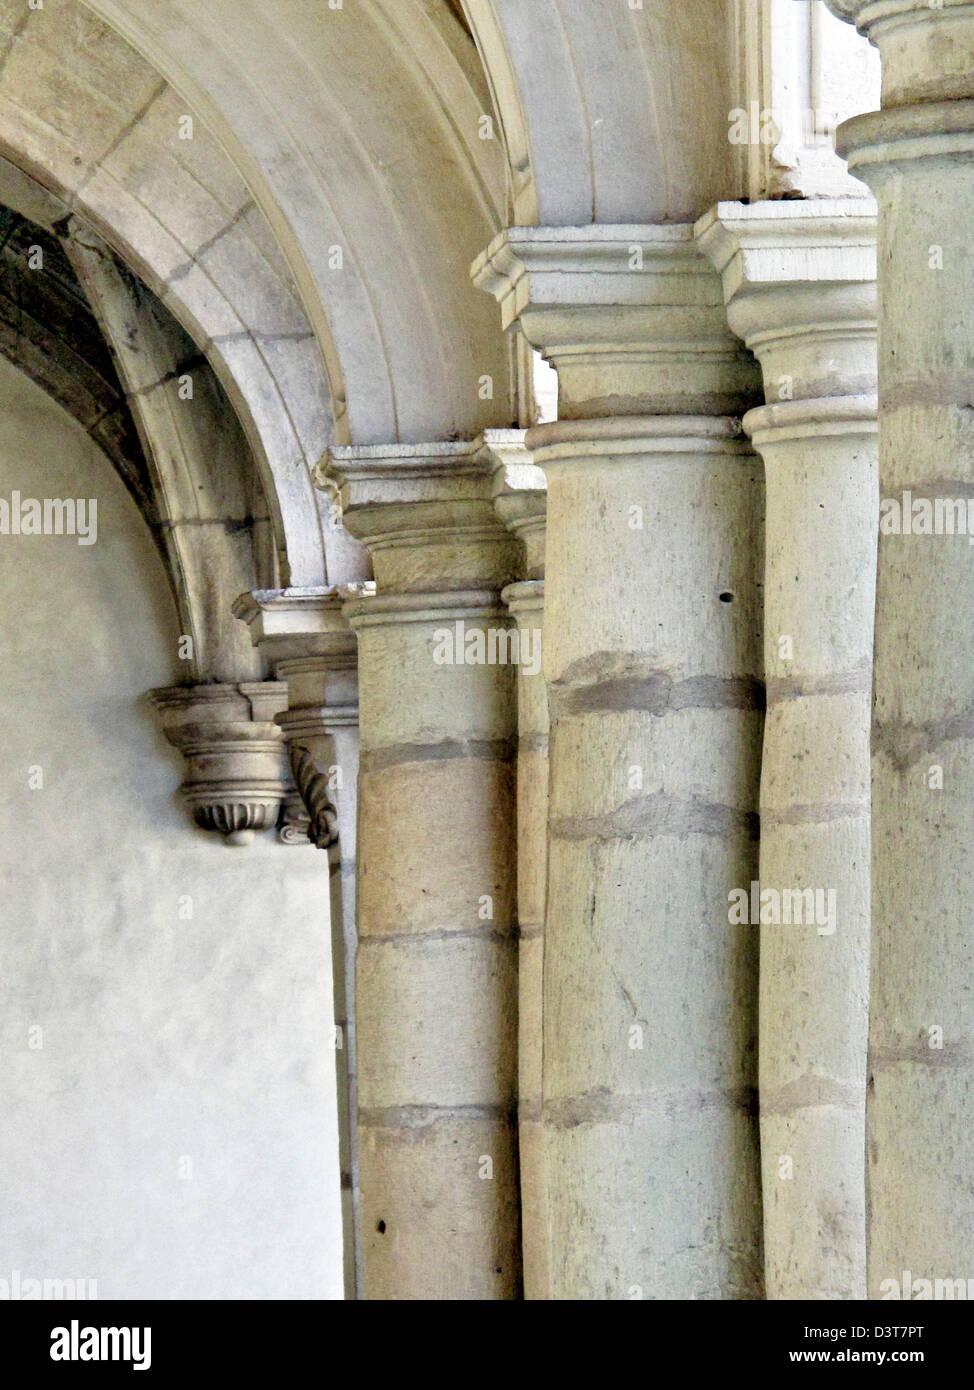 Come Chiudere Una Loggia loggia columns immagini & loggia columns fotos stock - alamy